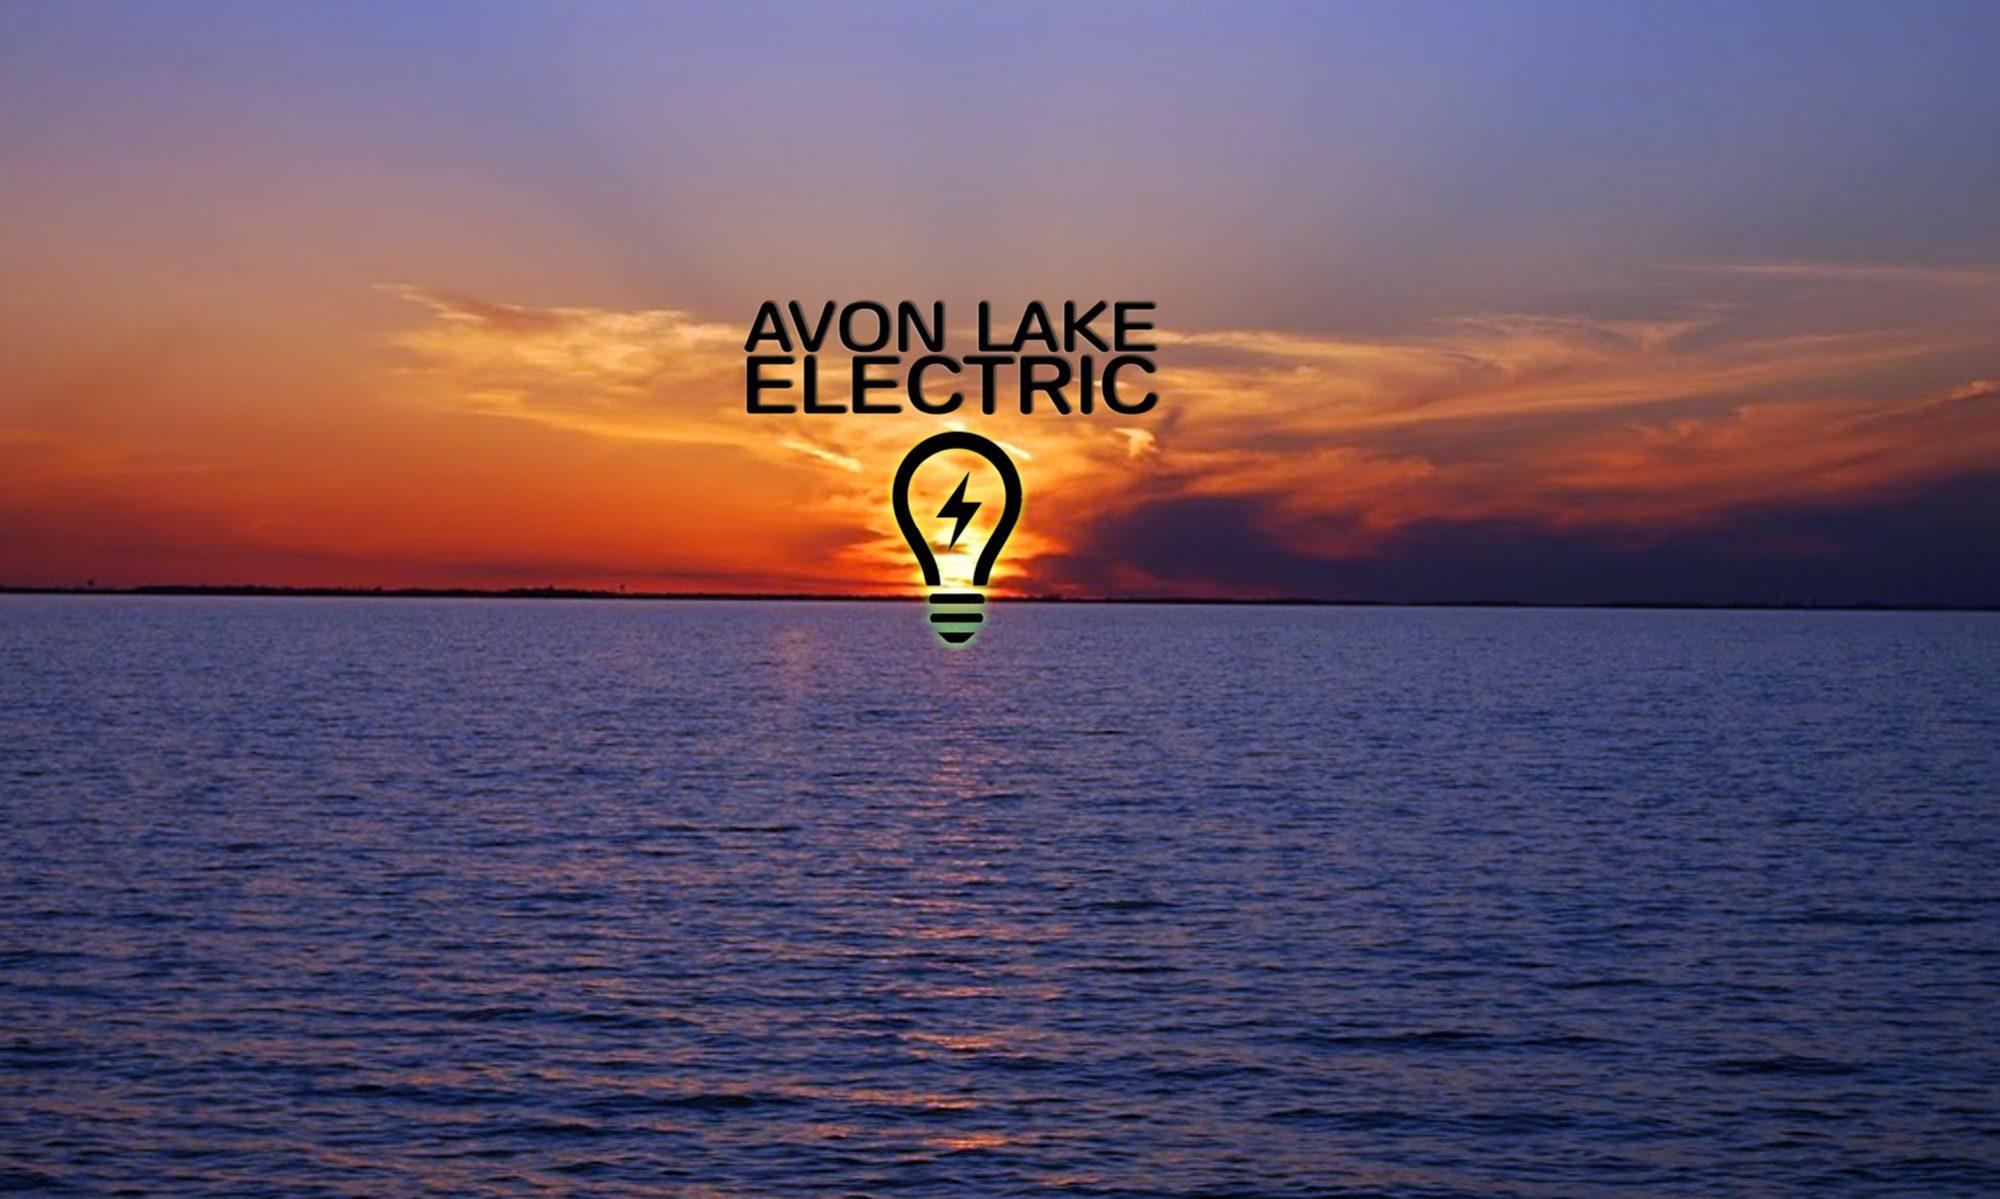 Avon Lake Electric